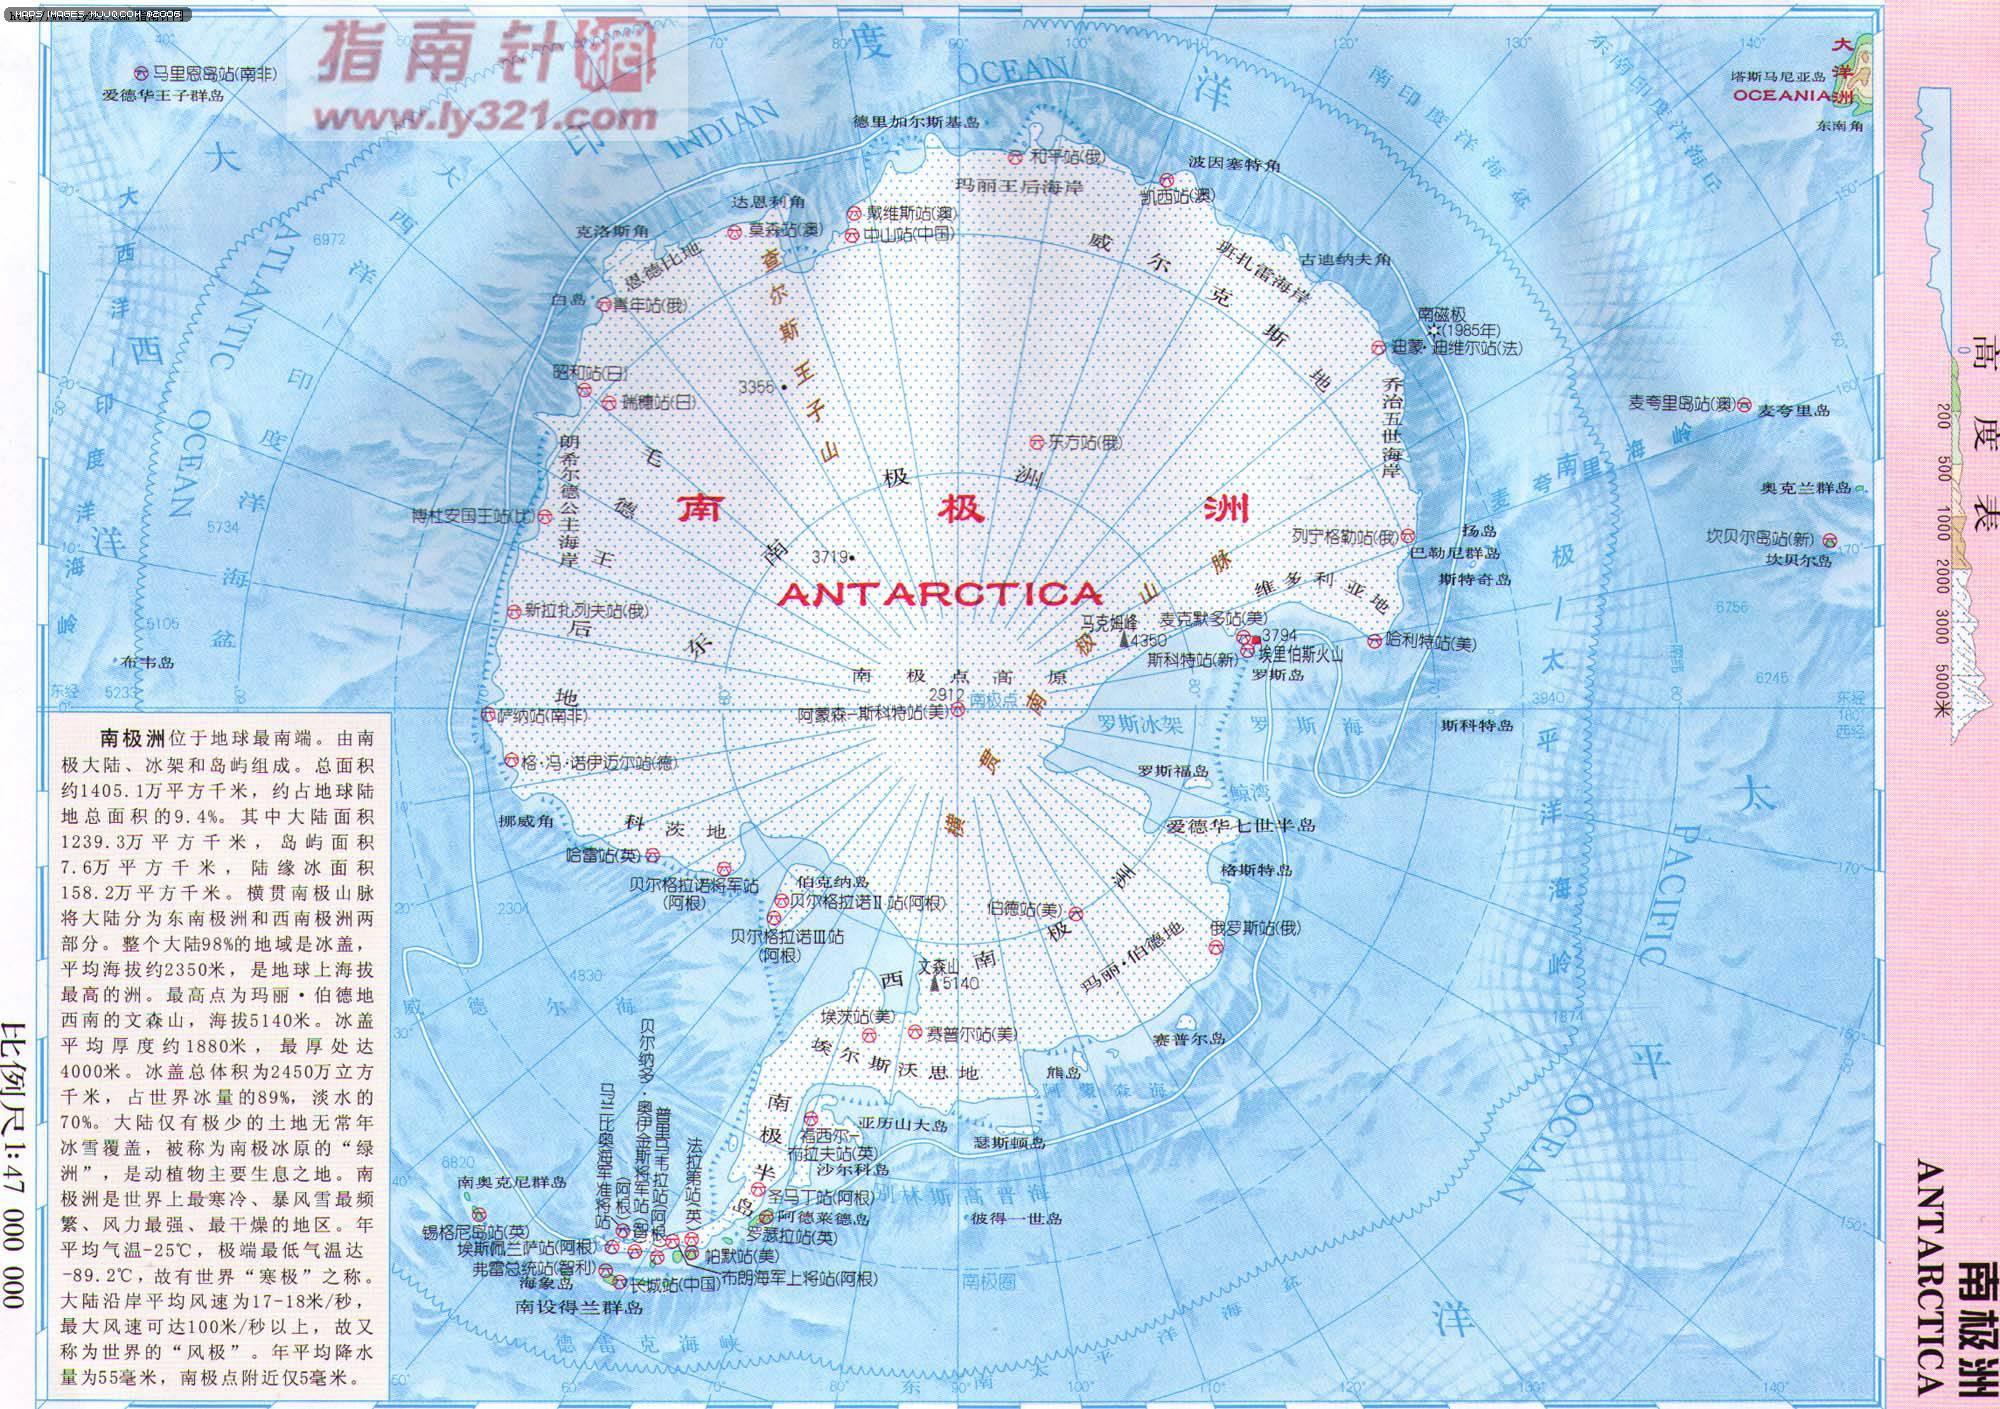 南極洲地圖 - 其他旅遊地圖 中國地圖 - 美景旅遊網